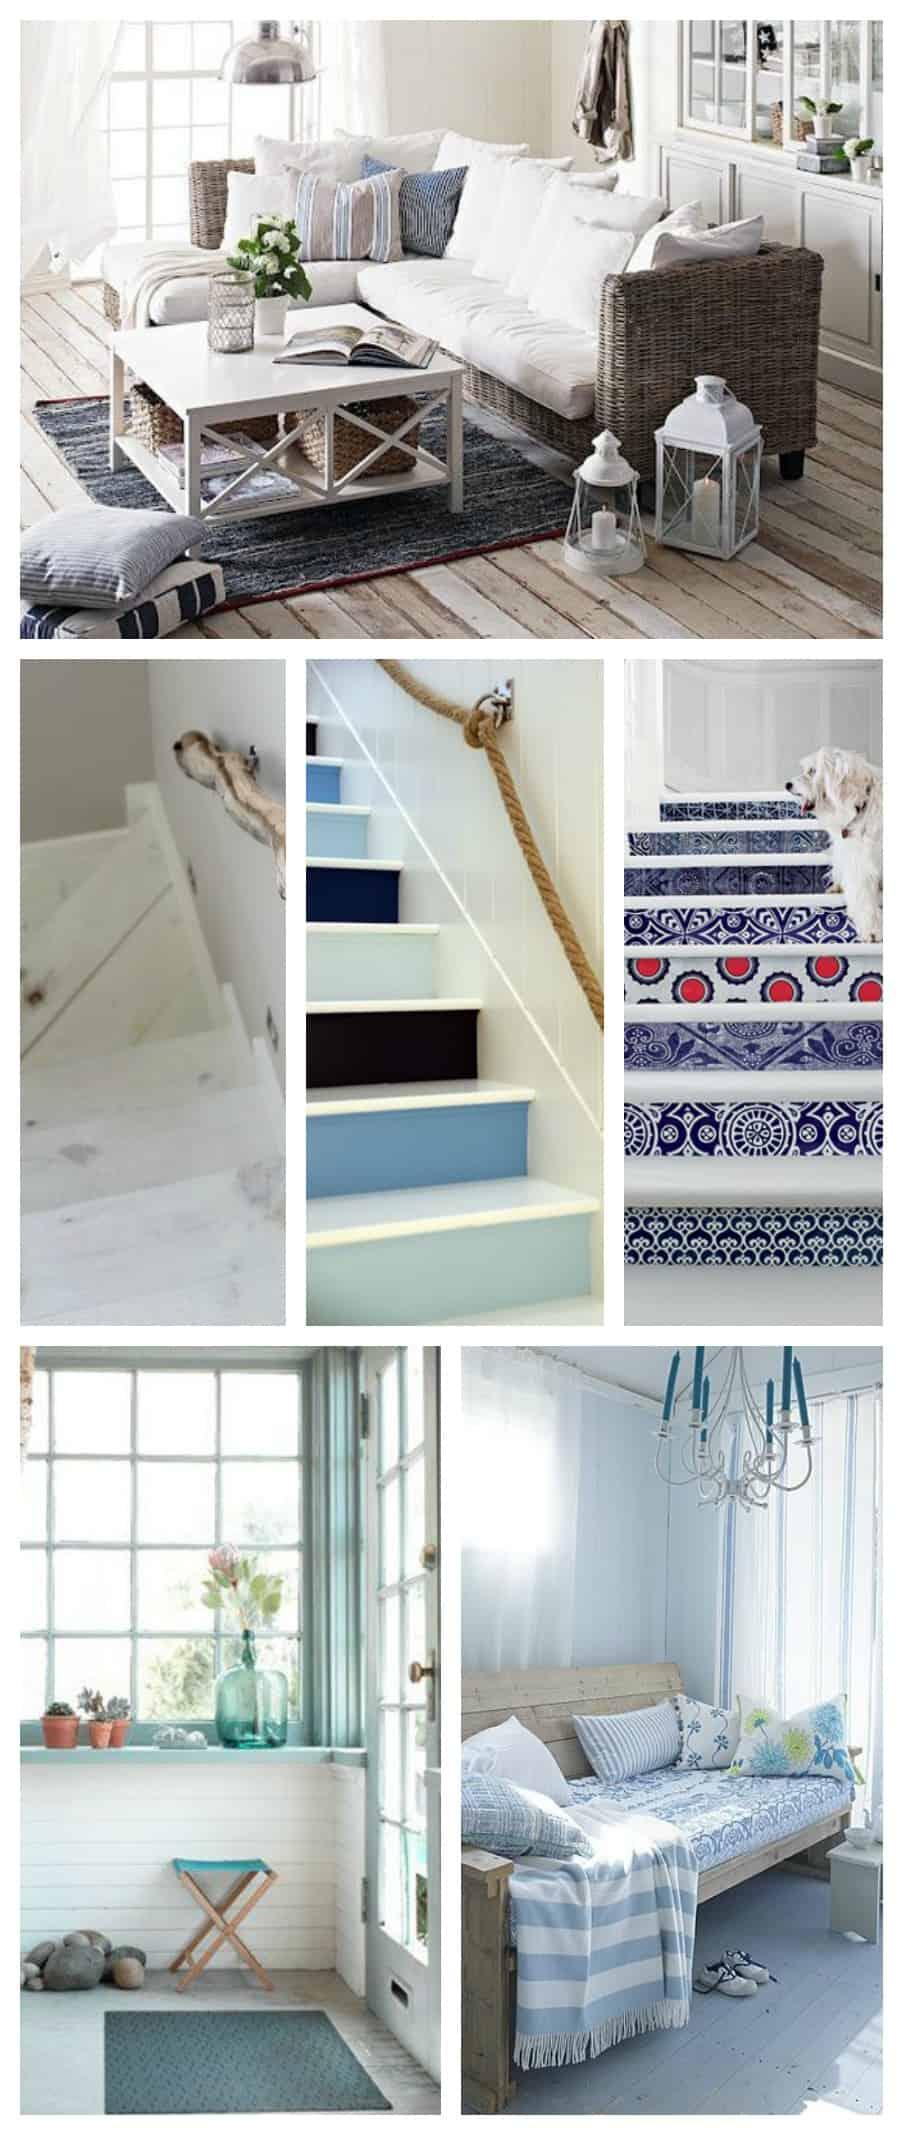 La casa al mare ispirazioni per arredare in stile nautico tuttoferramenta blog - Decorazioni in legno per pareti ...